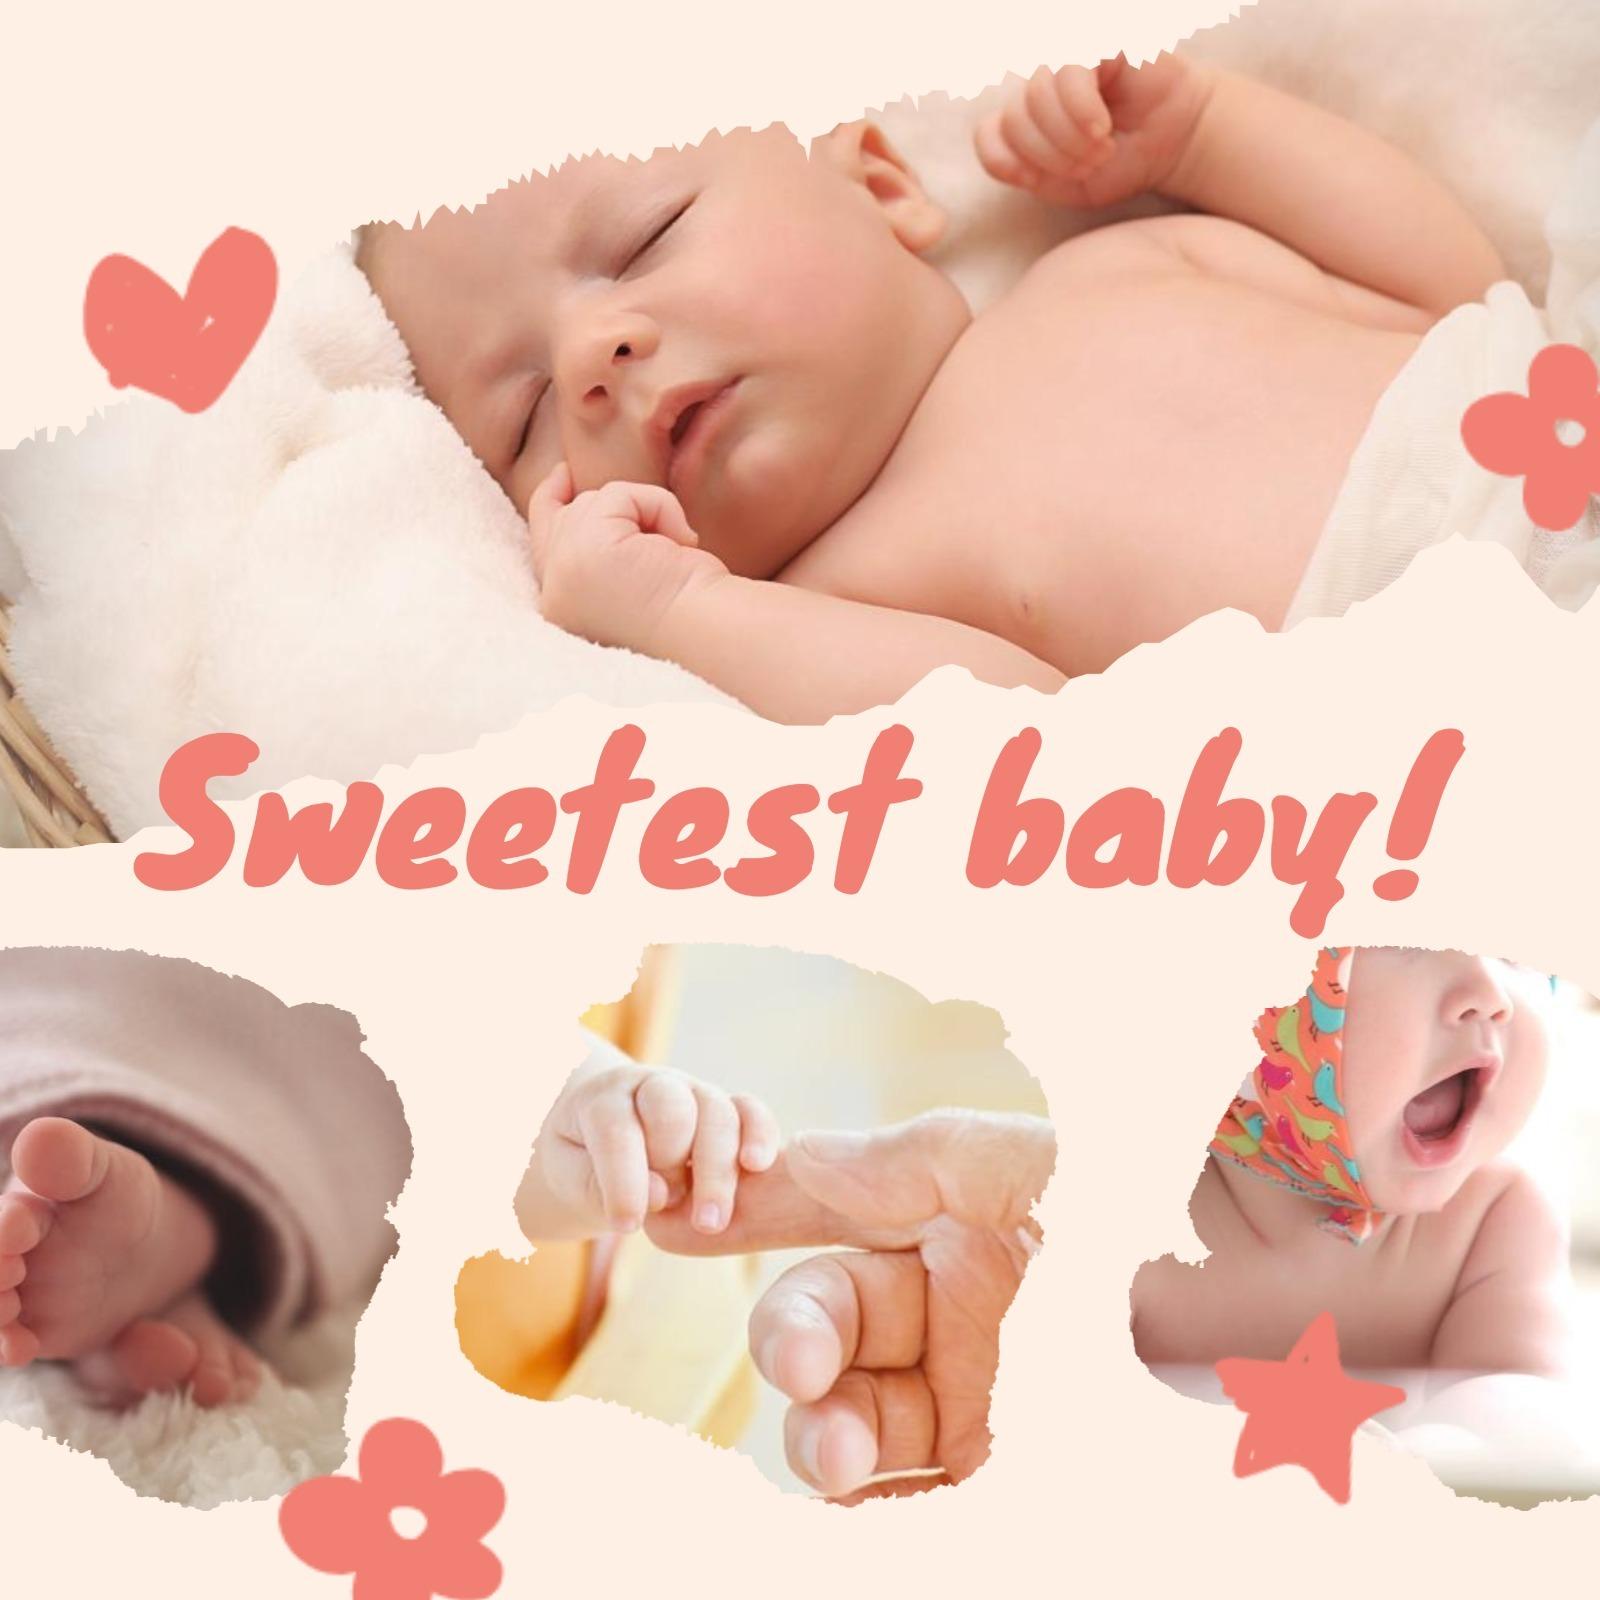 baby1_wl_20200116